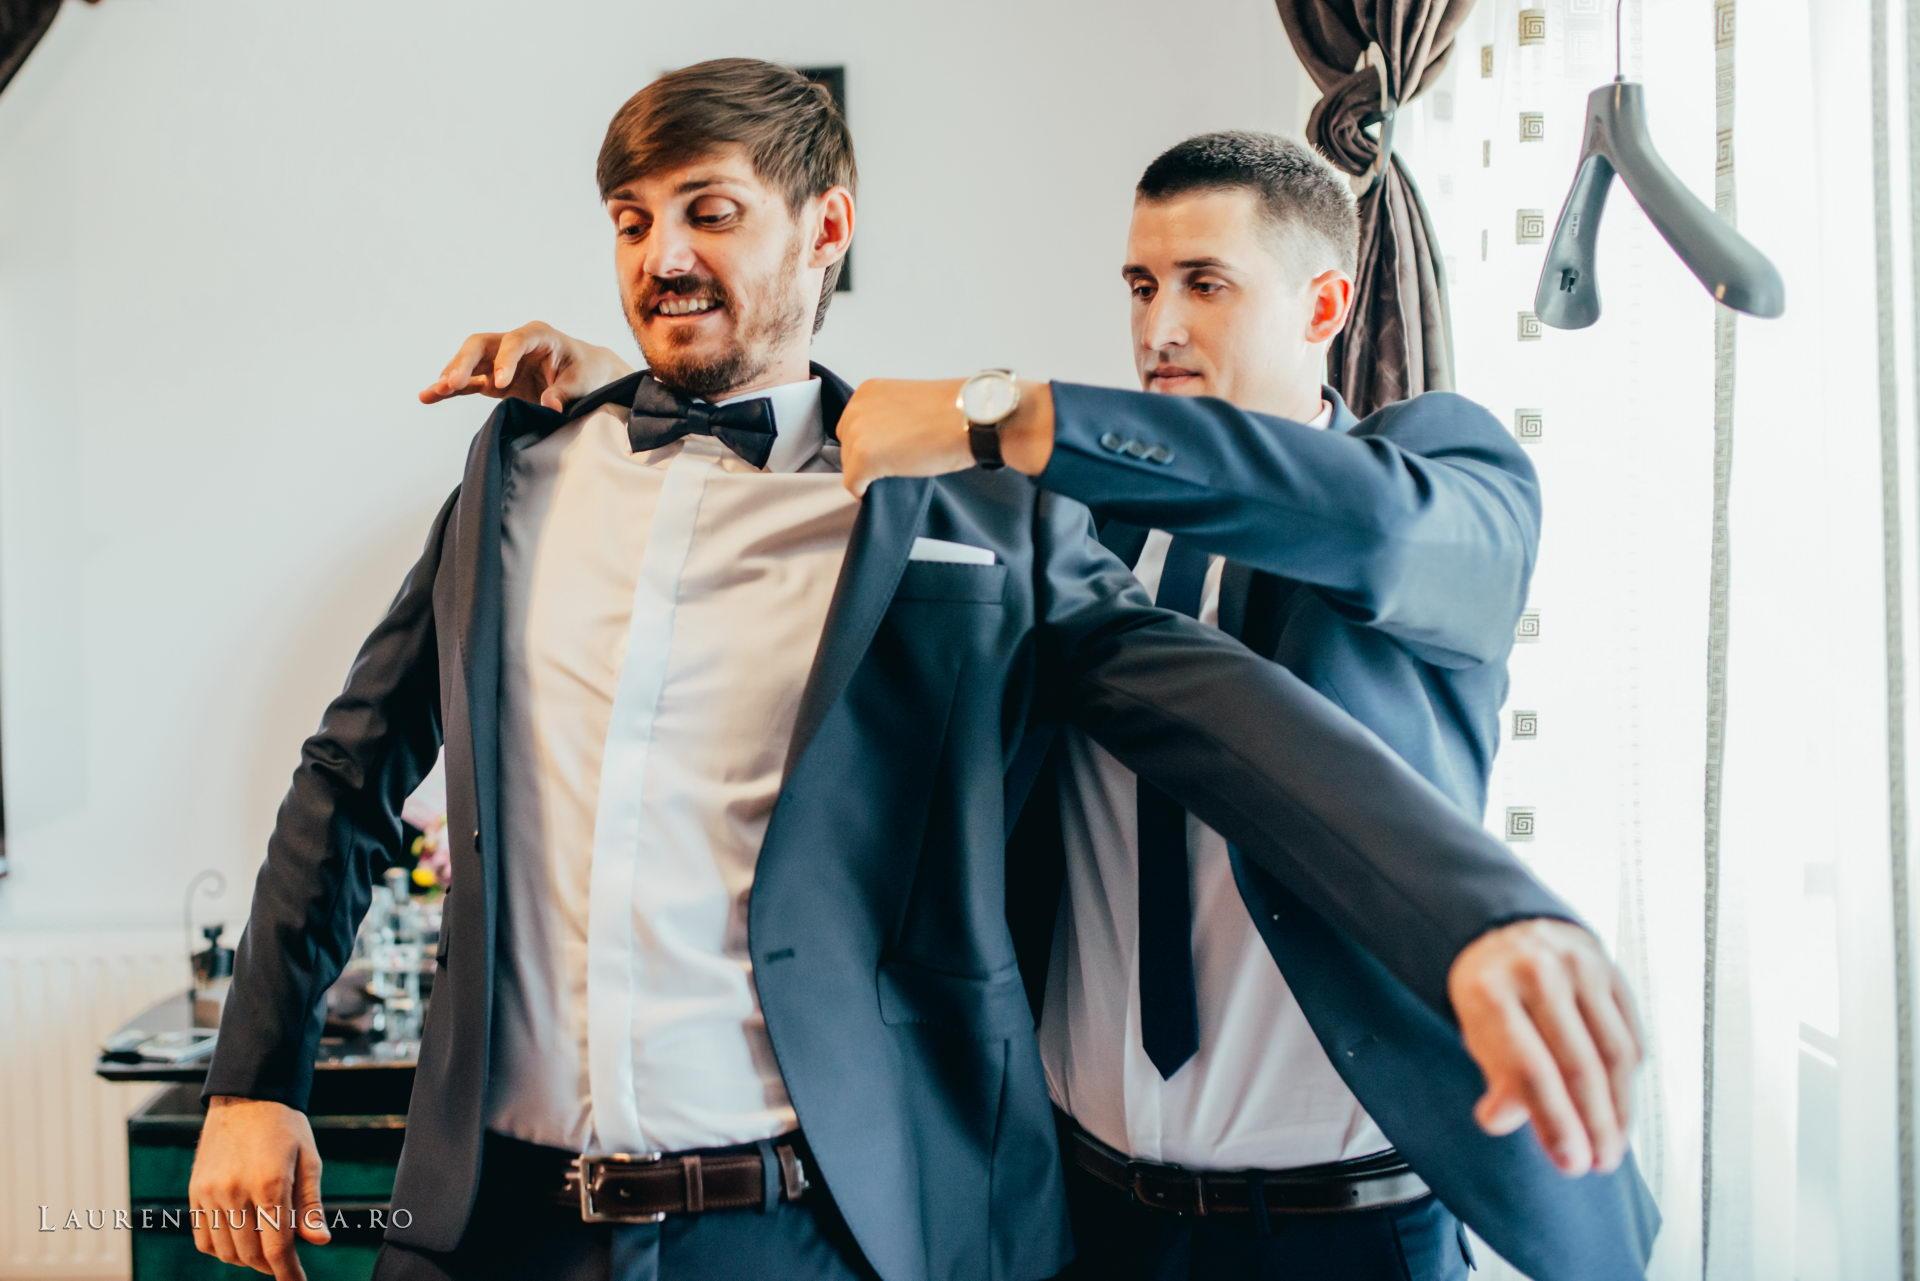 Cristina si Ovidiu nunta Craiova fotograf laurentiu nica 039 - Cristina & Ovidiu | Fotografii nunta | Craiova